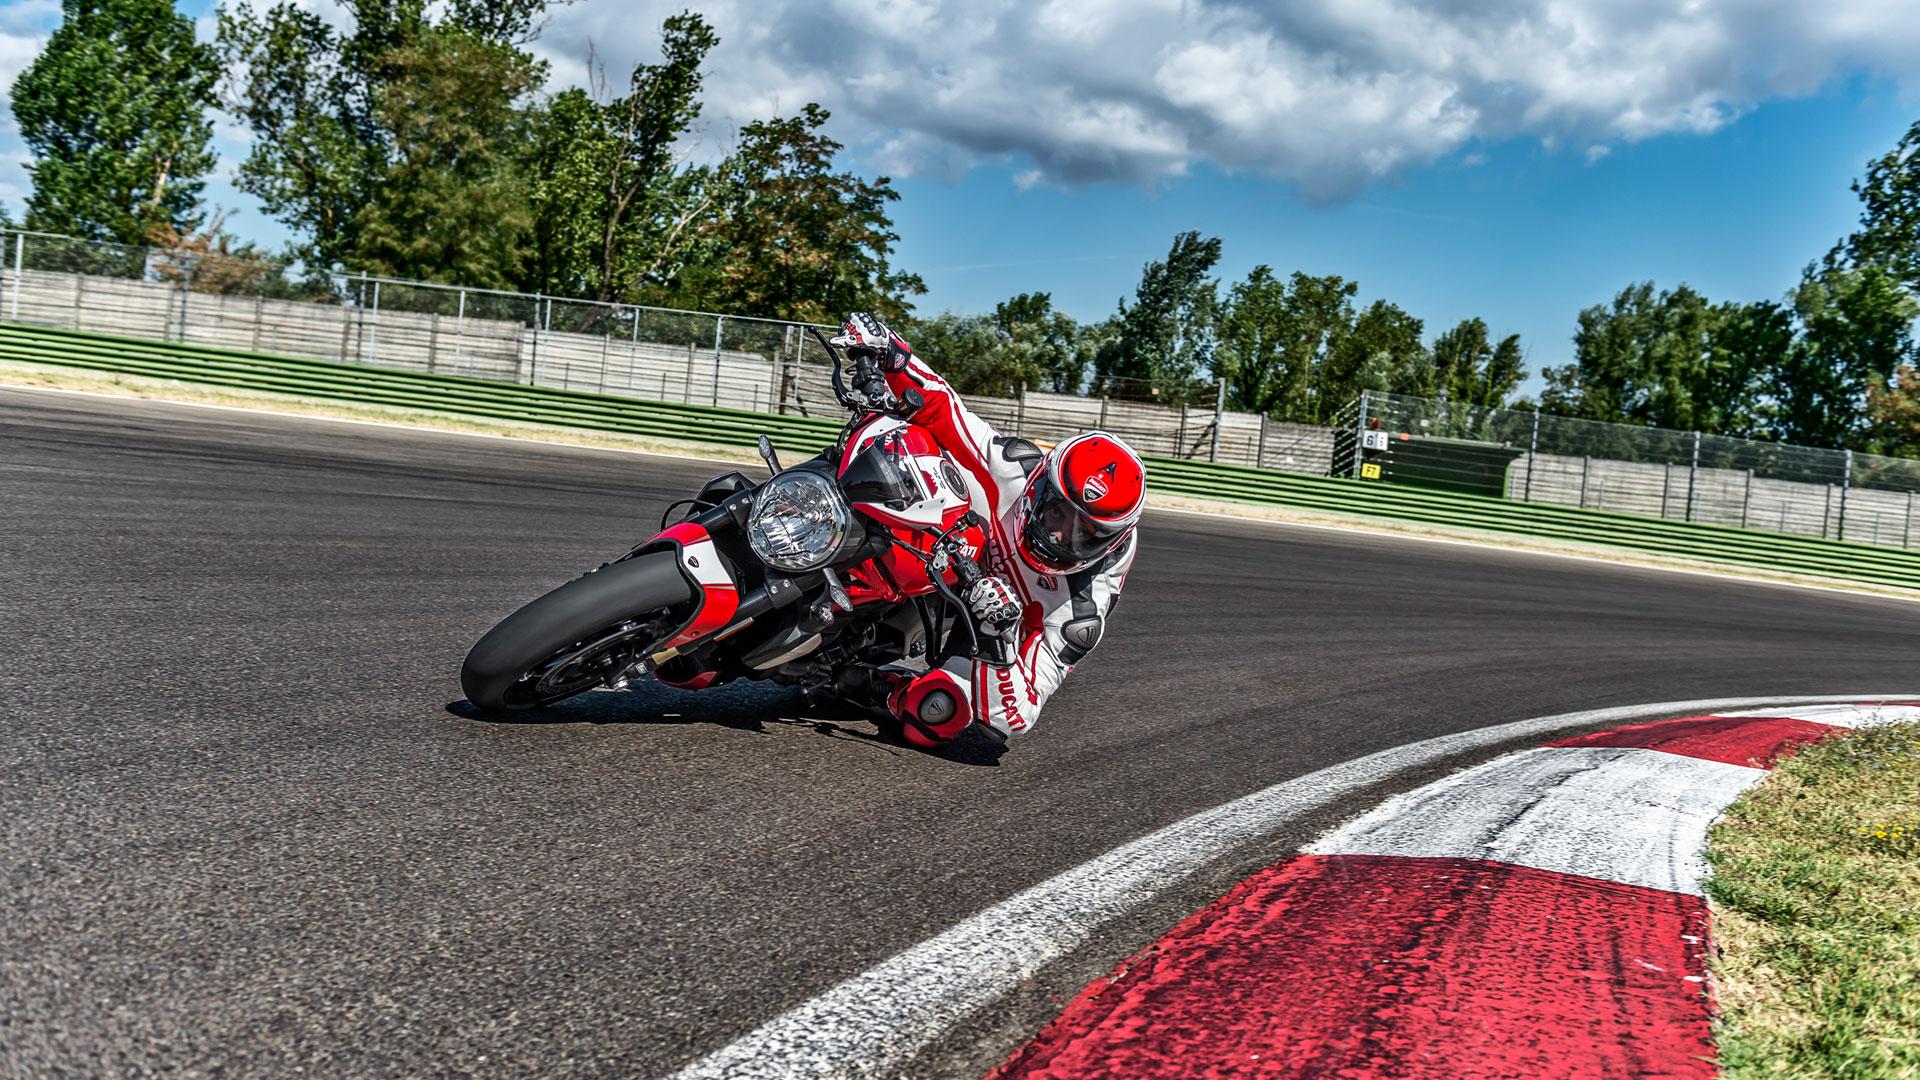 Ducati Sr Service Intervals